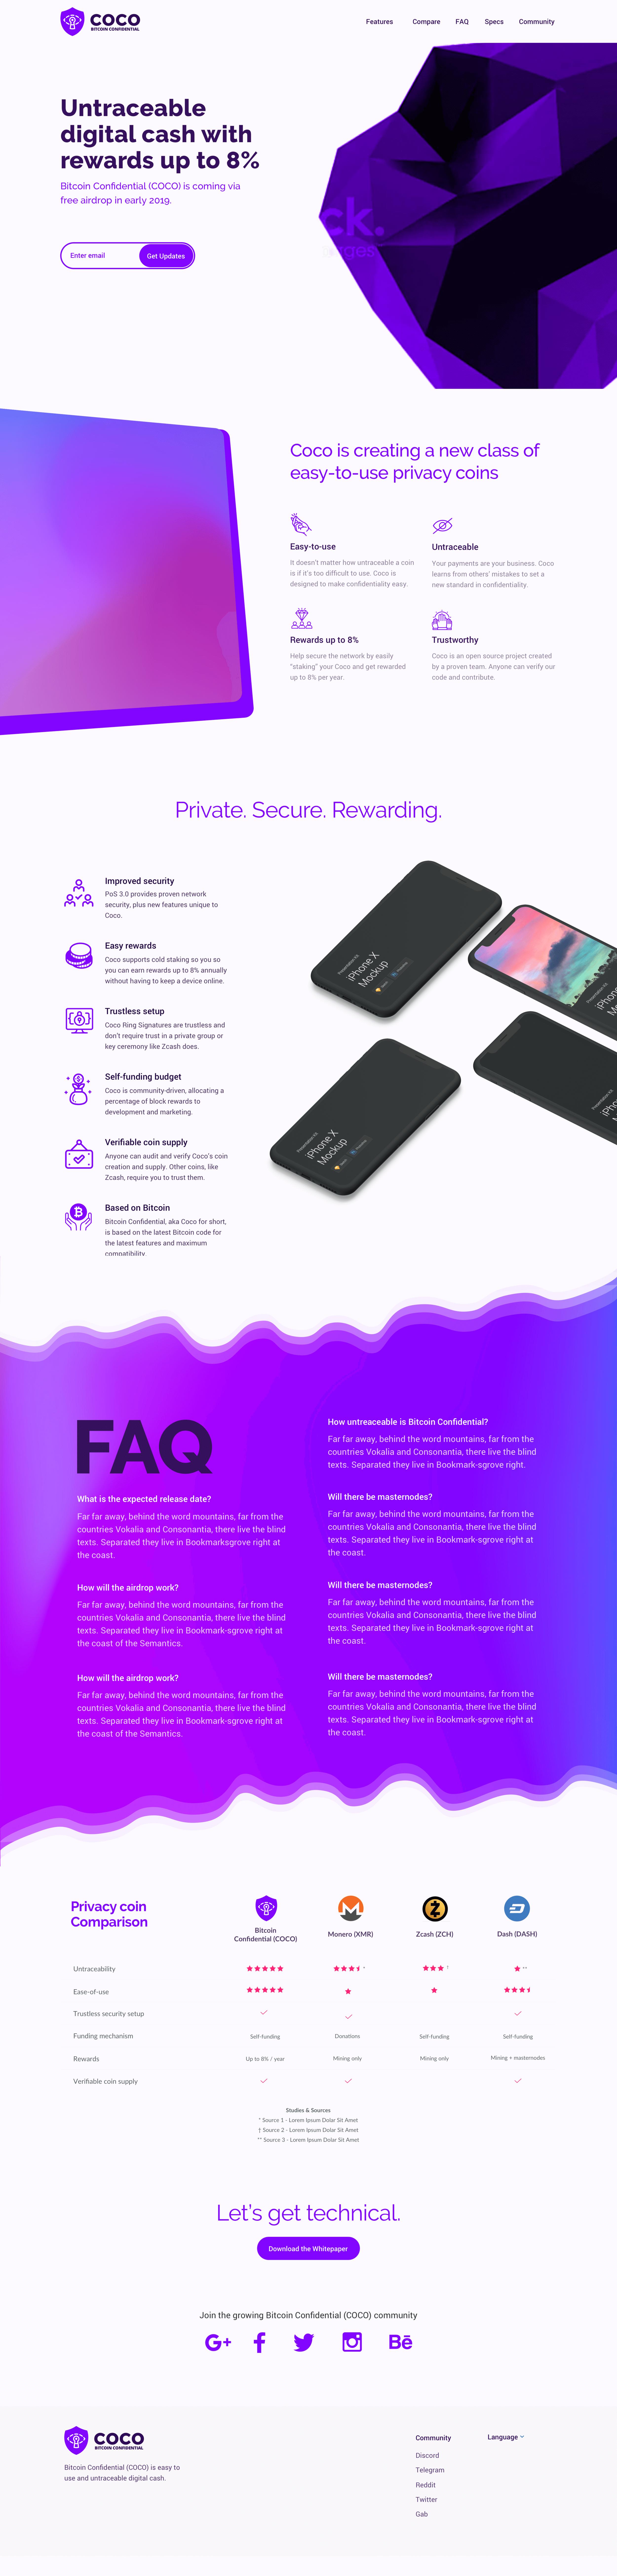 Bitcoin Confidential (COCO) Homepage Design